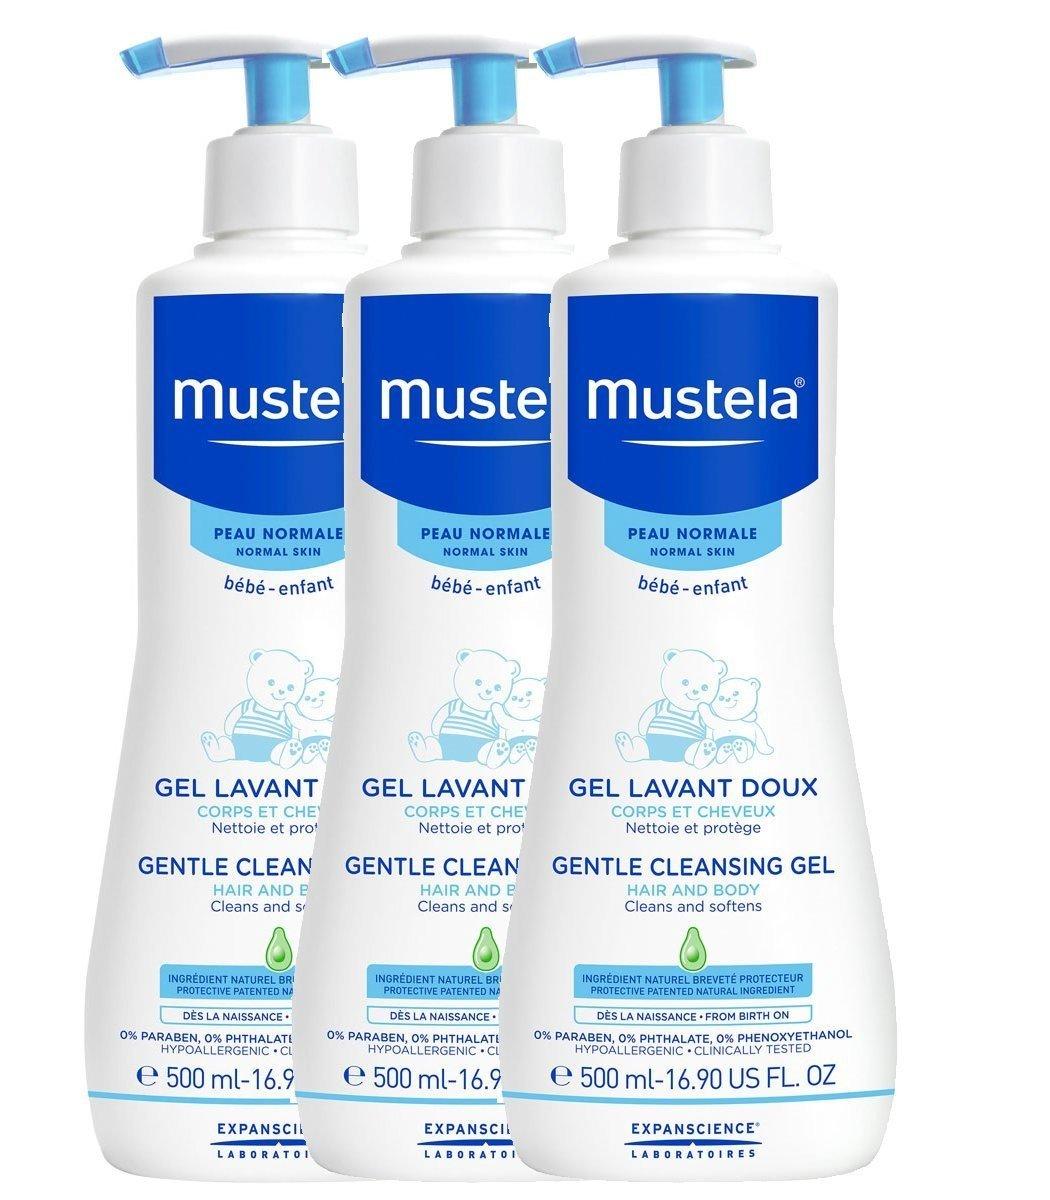 Mustela Gentle Cleansing Gel 3 x 500ml 9657_11142